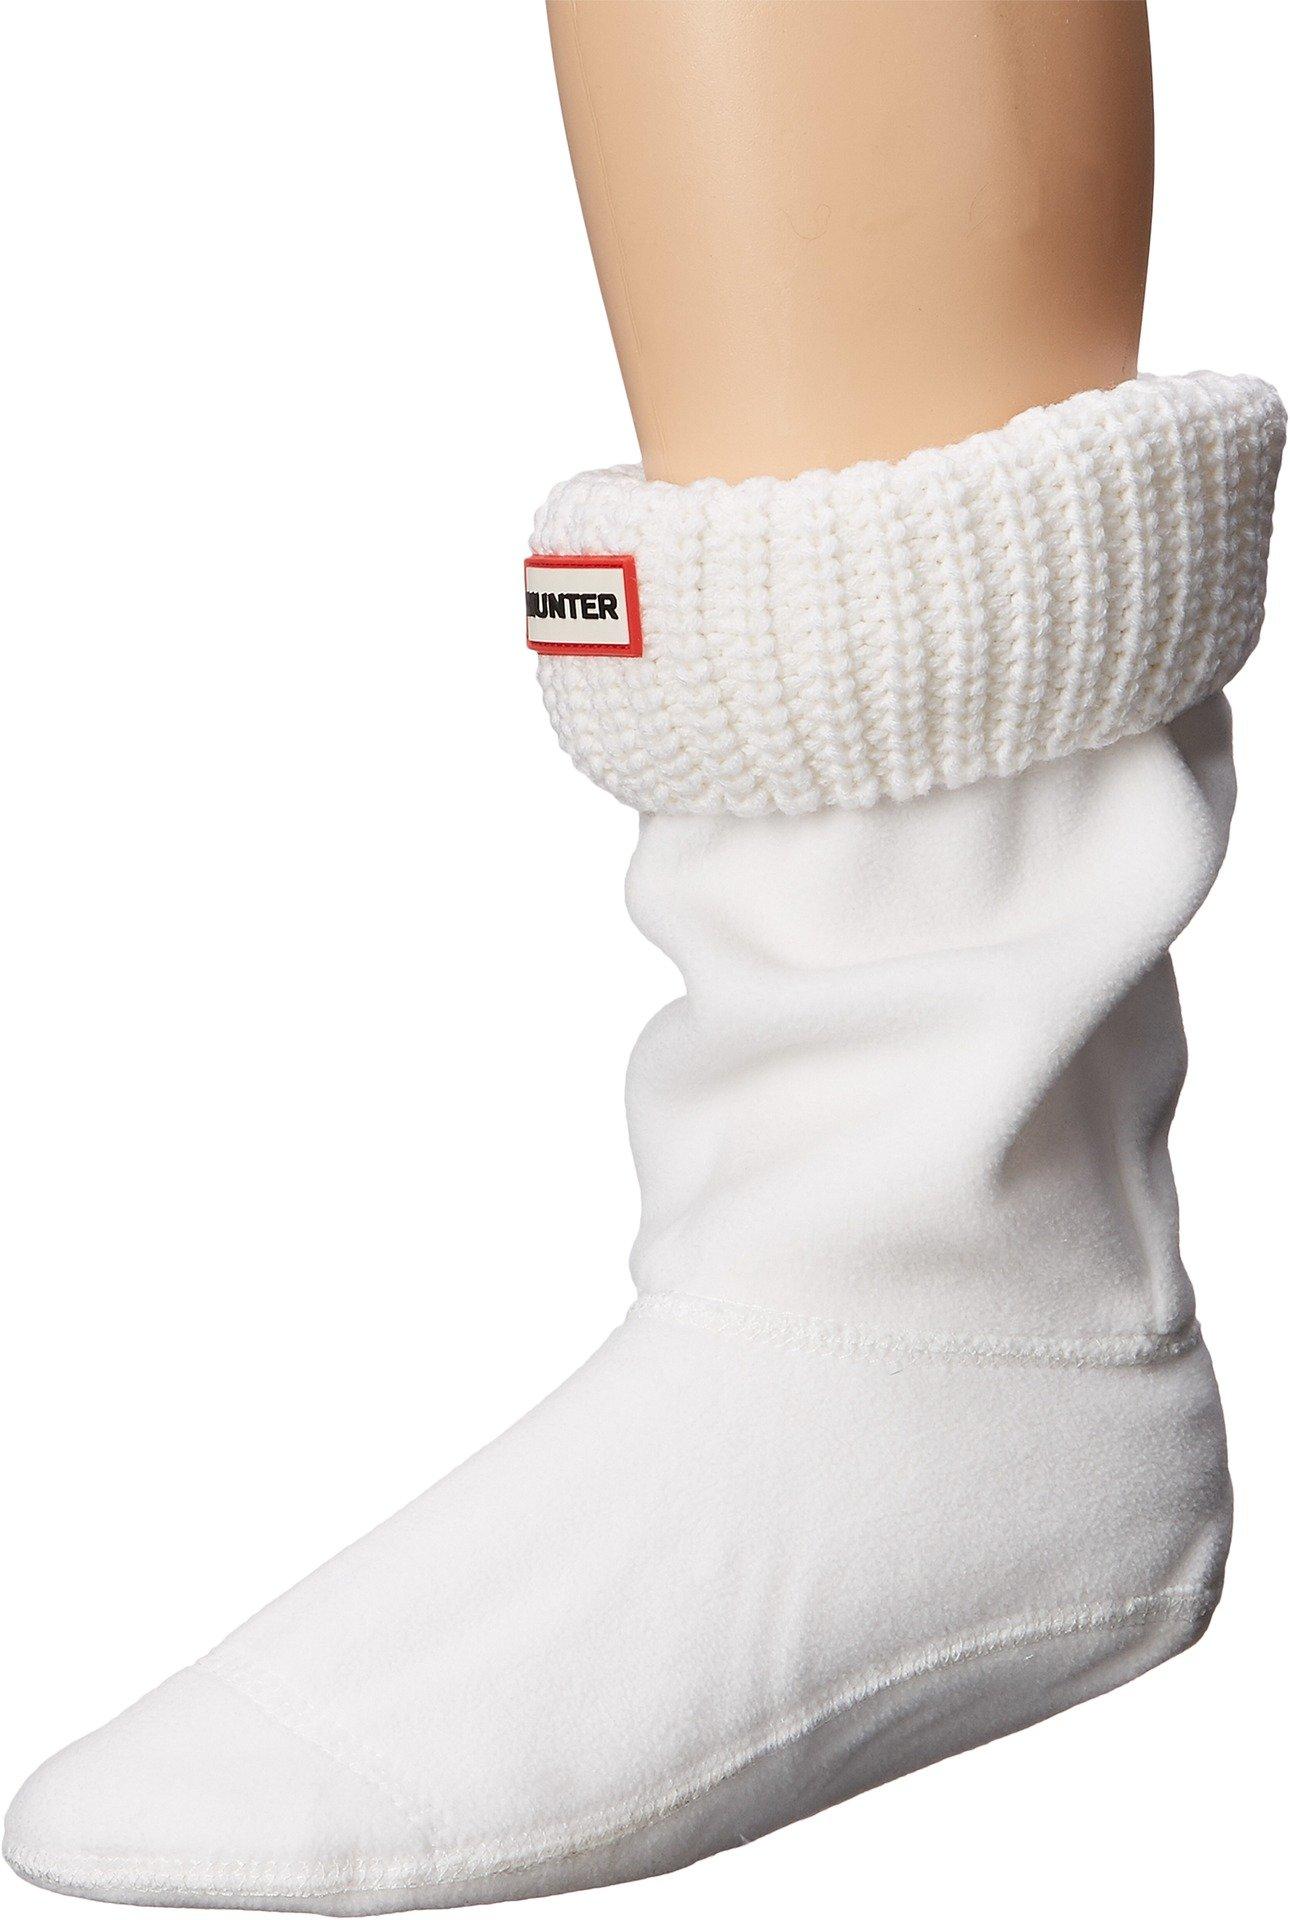 Hunter Women's Half Cardigan Boot Sock - Short White Sock